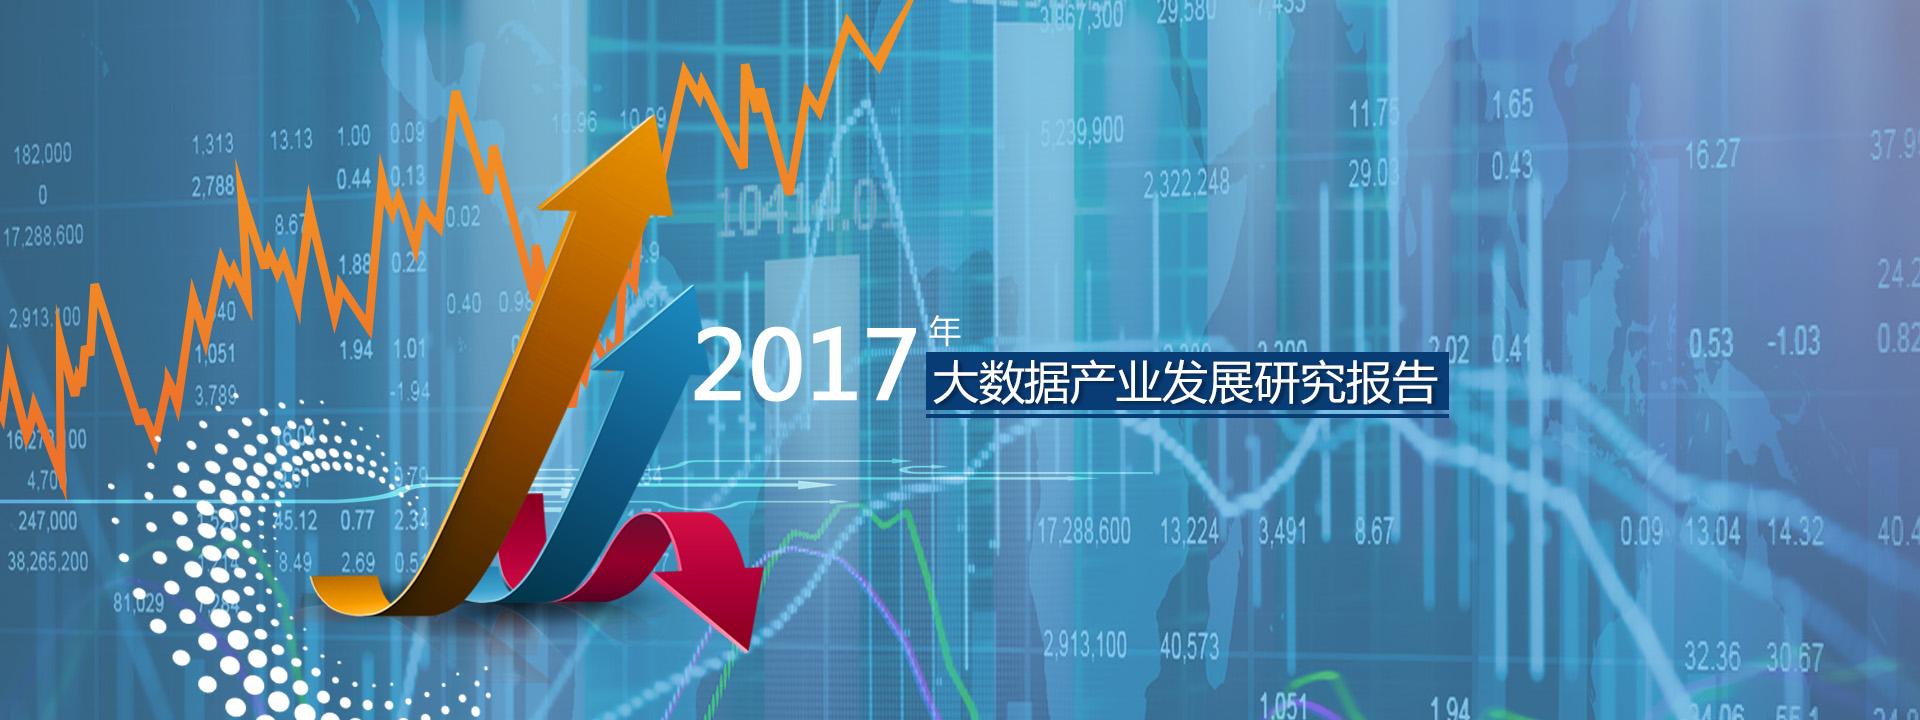 2017年中国大数据产业发展研究报告